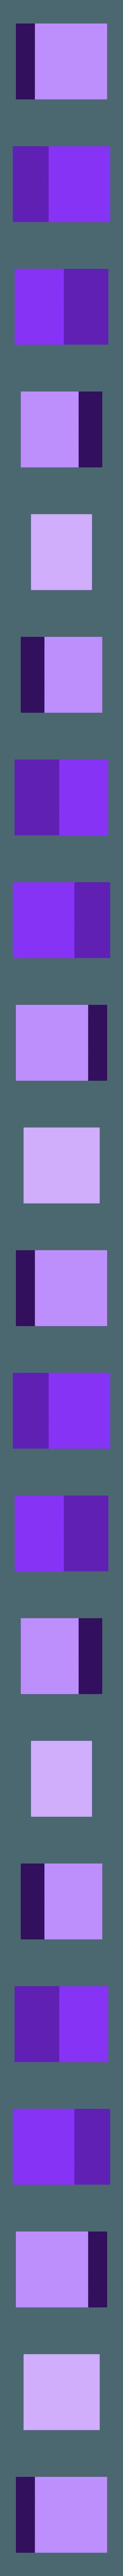 case_10x8.stl Télécharger fichier STL gratuit Support de système de stockage multi-box • Modèle pour imprimante 3D, vmi